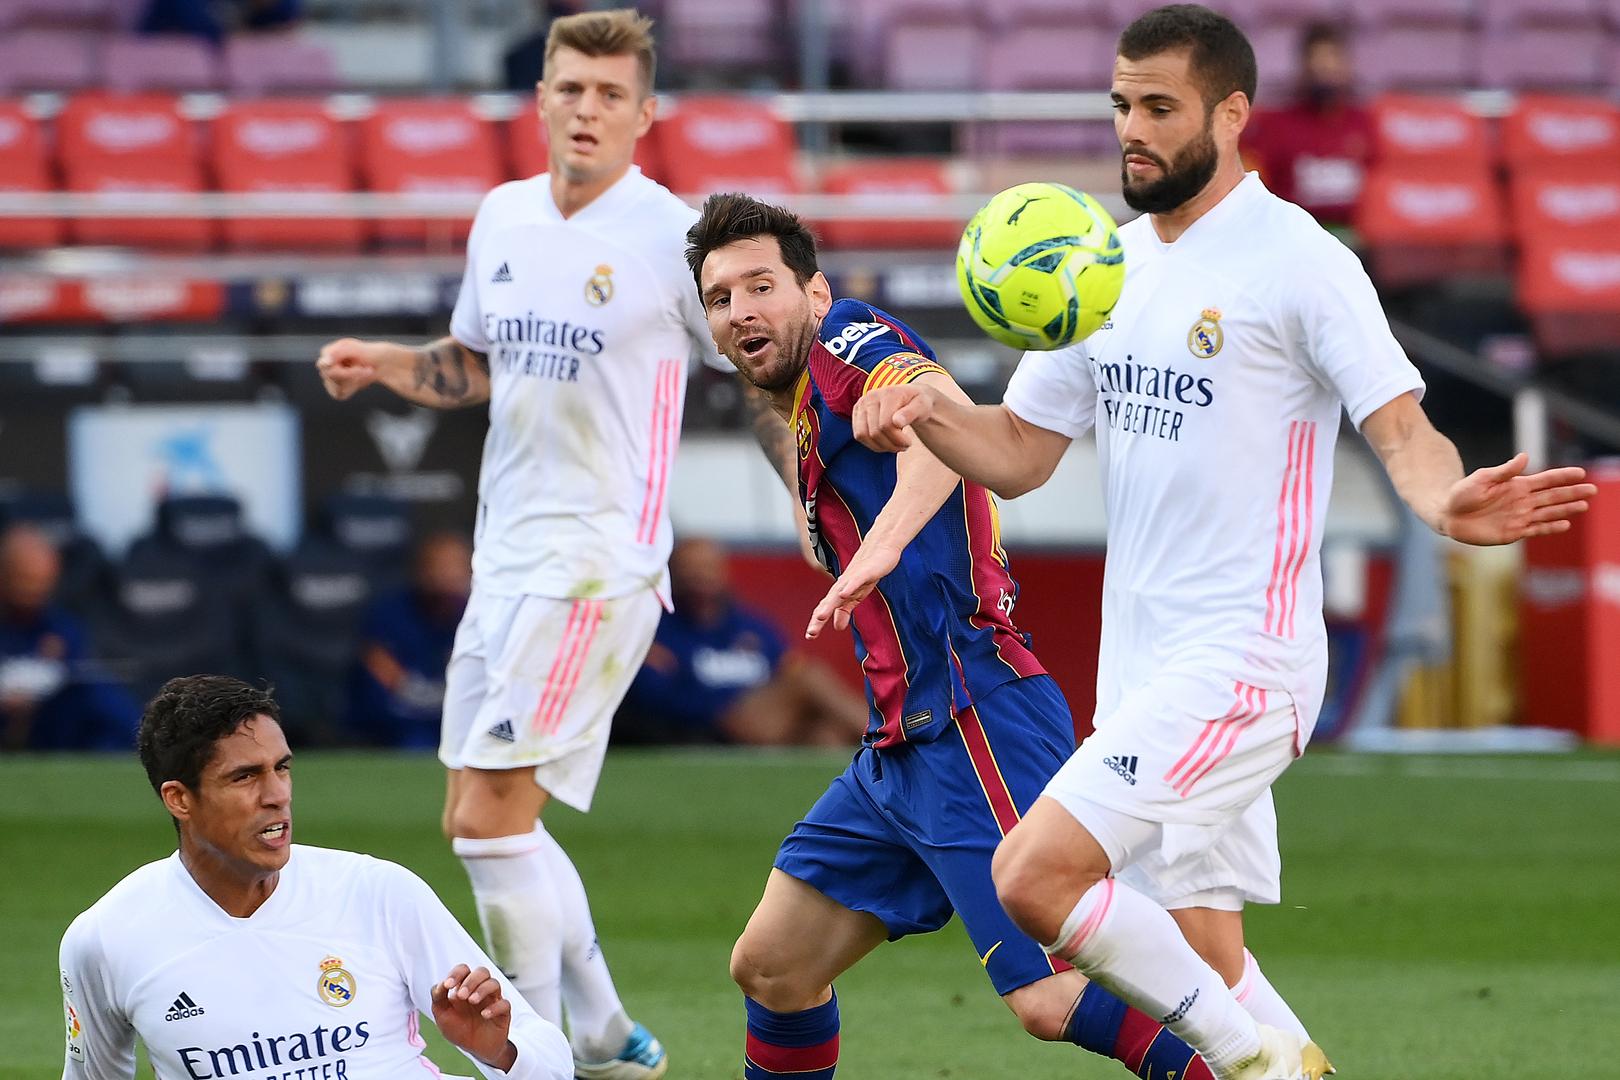 ريال مدريد يعلن إصابة مدافعه بفيروس كورونا